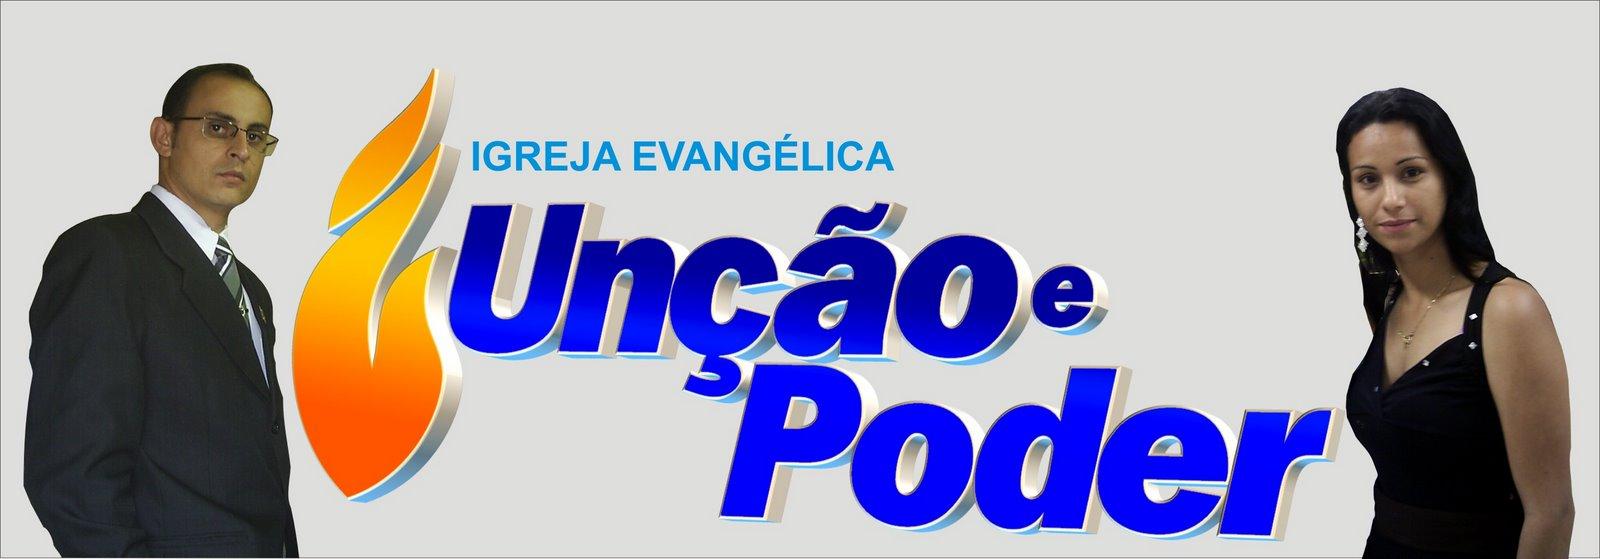 Igreja Evangélica Unção e Poder !